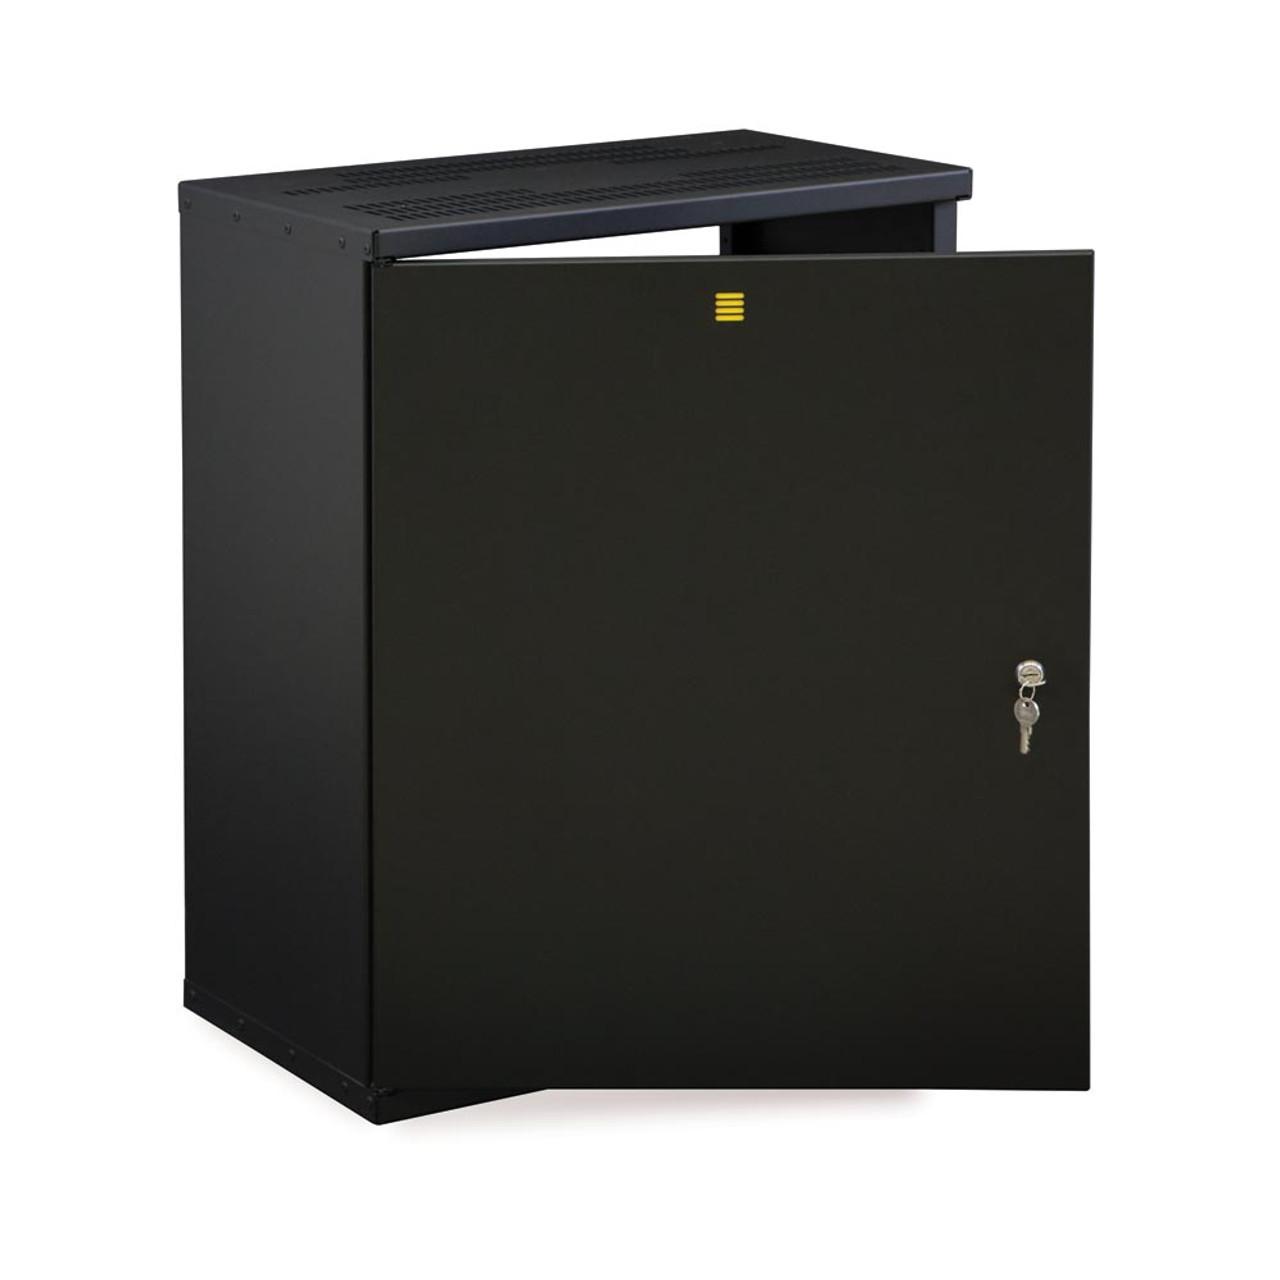 Evr3u25 3u Enclosed V Rack Cabinet